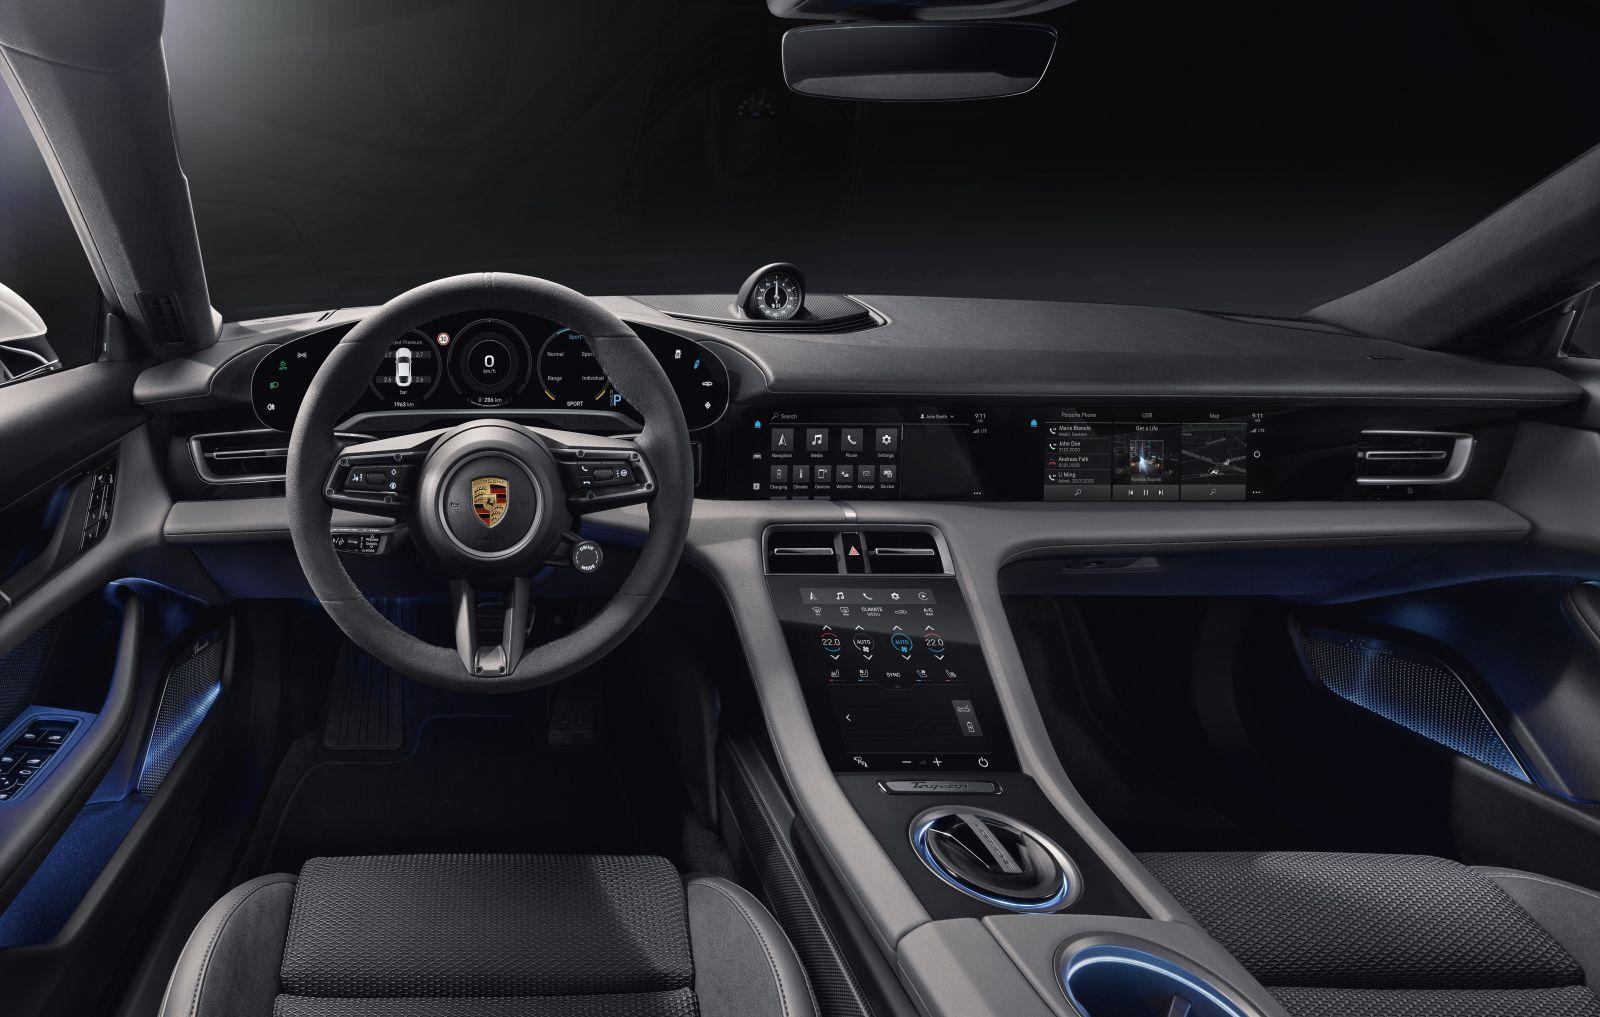 Prvé elektrické Porsche odhaľuje revolučný kokpit, ktorý tvorí až štvorica obrovských displejov